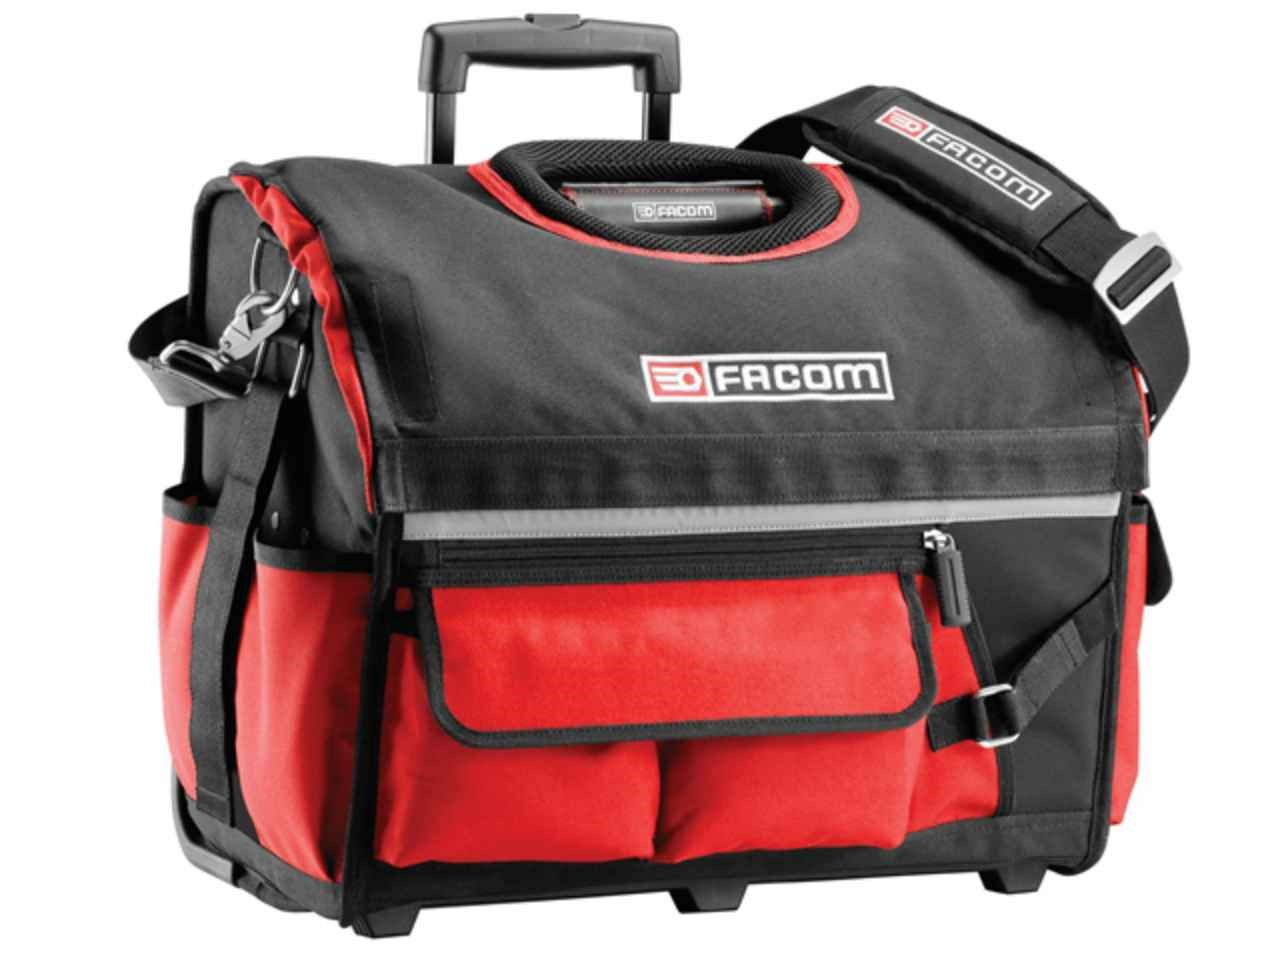 facom bs r20pb probag soft rolling tool bag. Black Bedroom Furniture Sets. Home Design Ideas